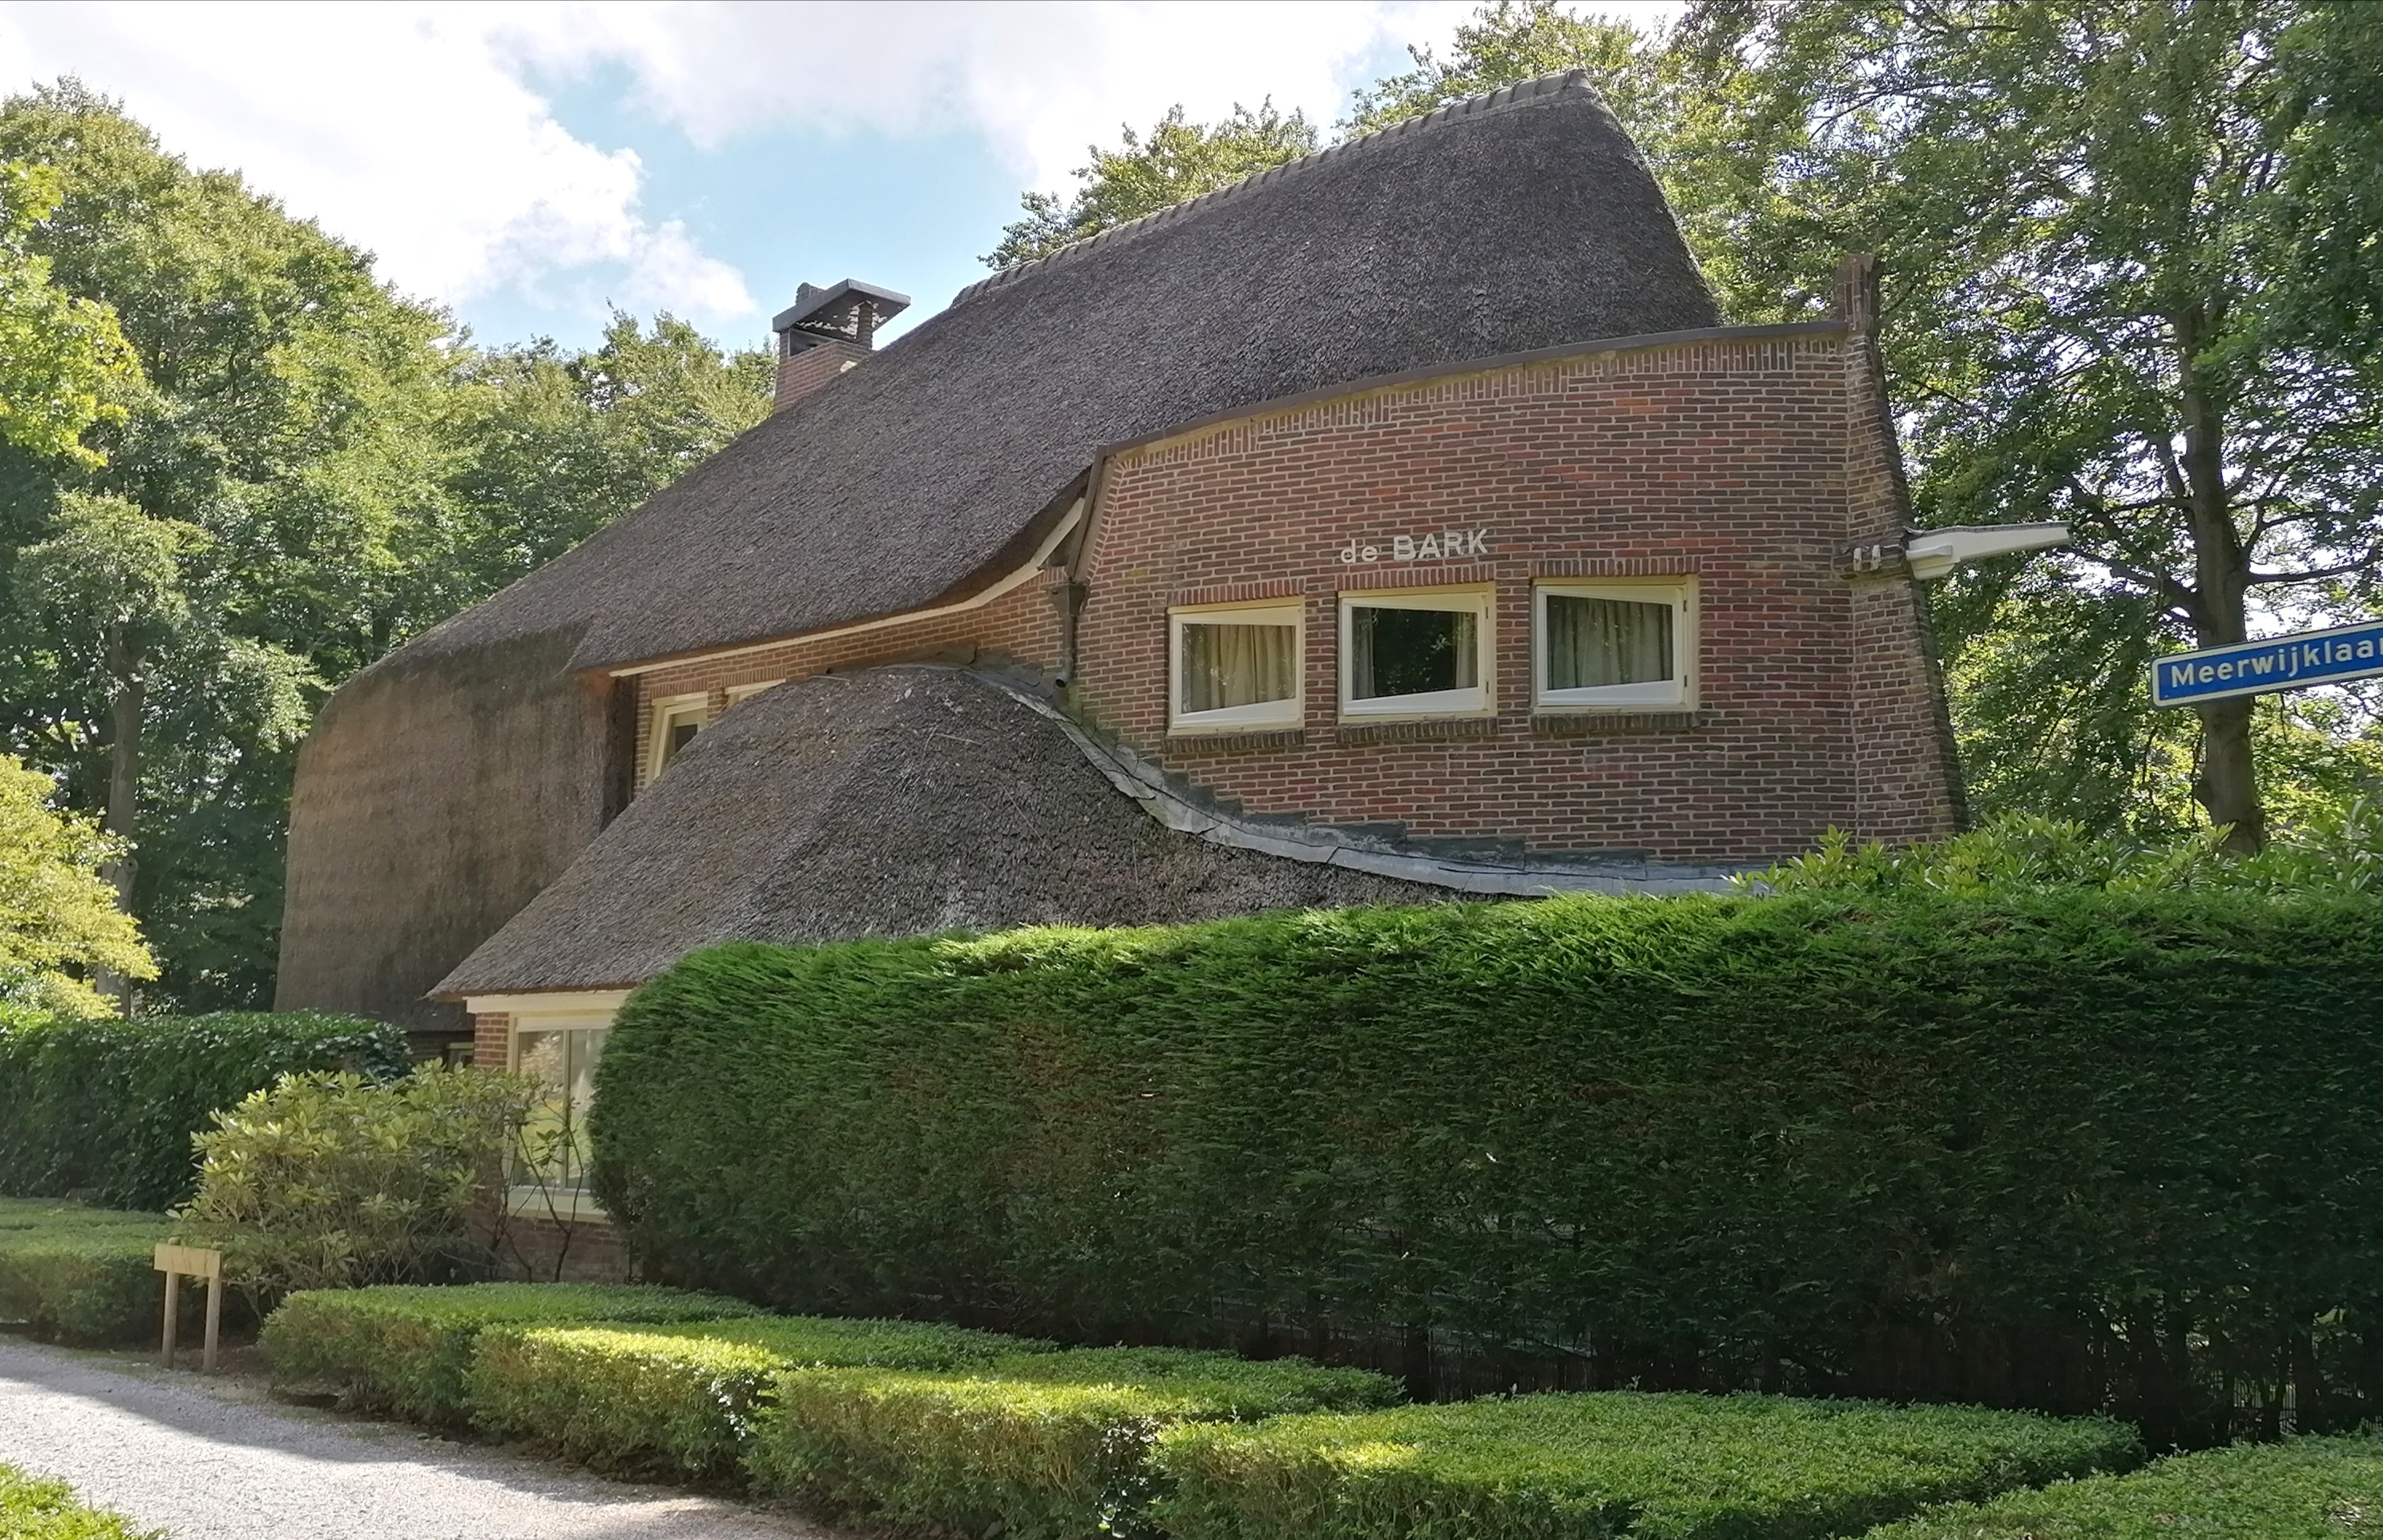 Villa De Bark van architect Jan Staal in Park Meerwijk te Bergen.